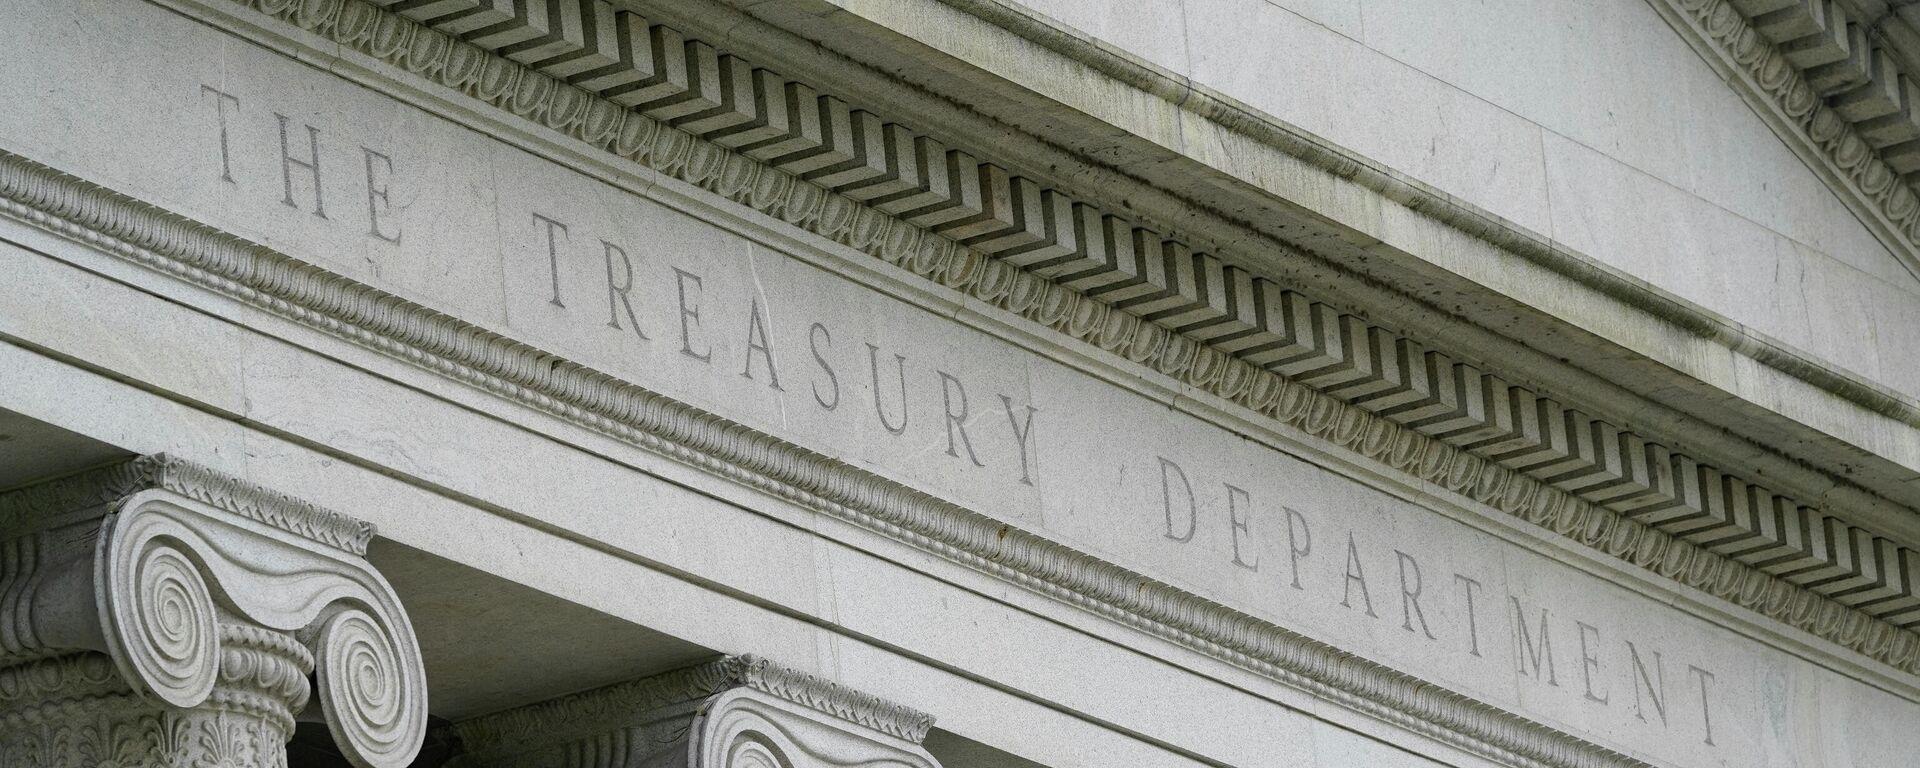 Das Gebäude des US-Finanzministeriums  - SNA, 1920, 13.08.2021